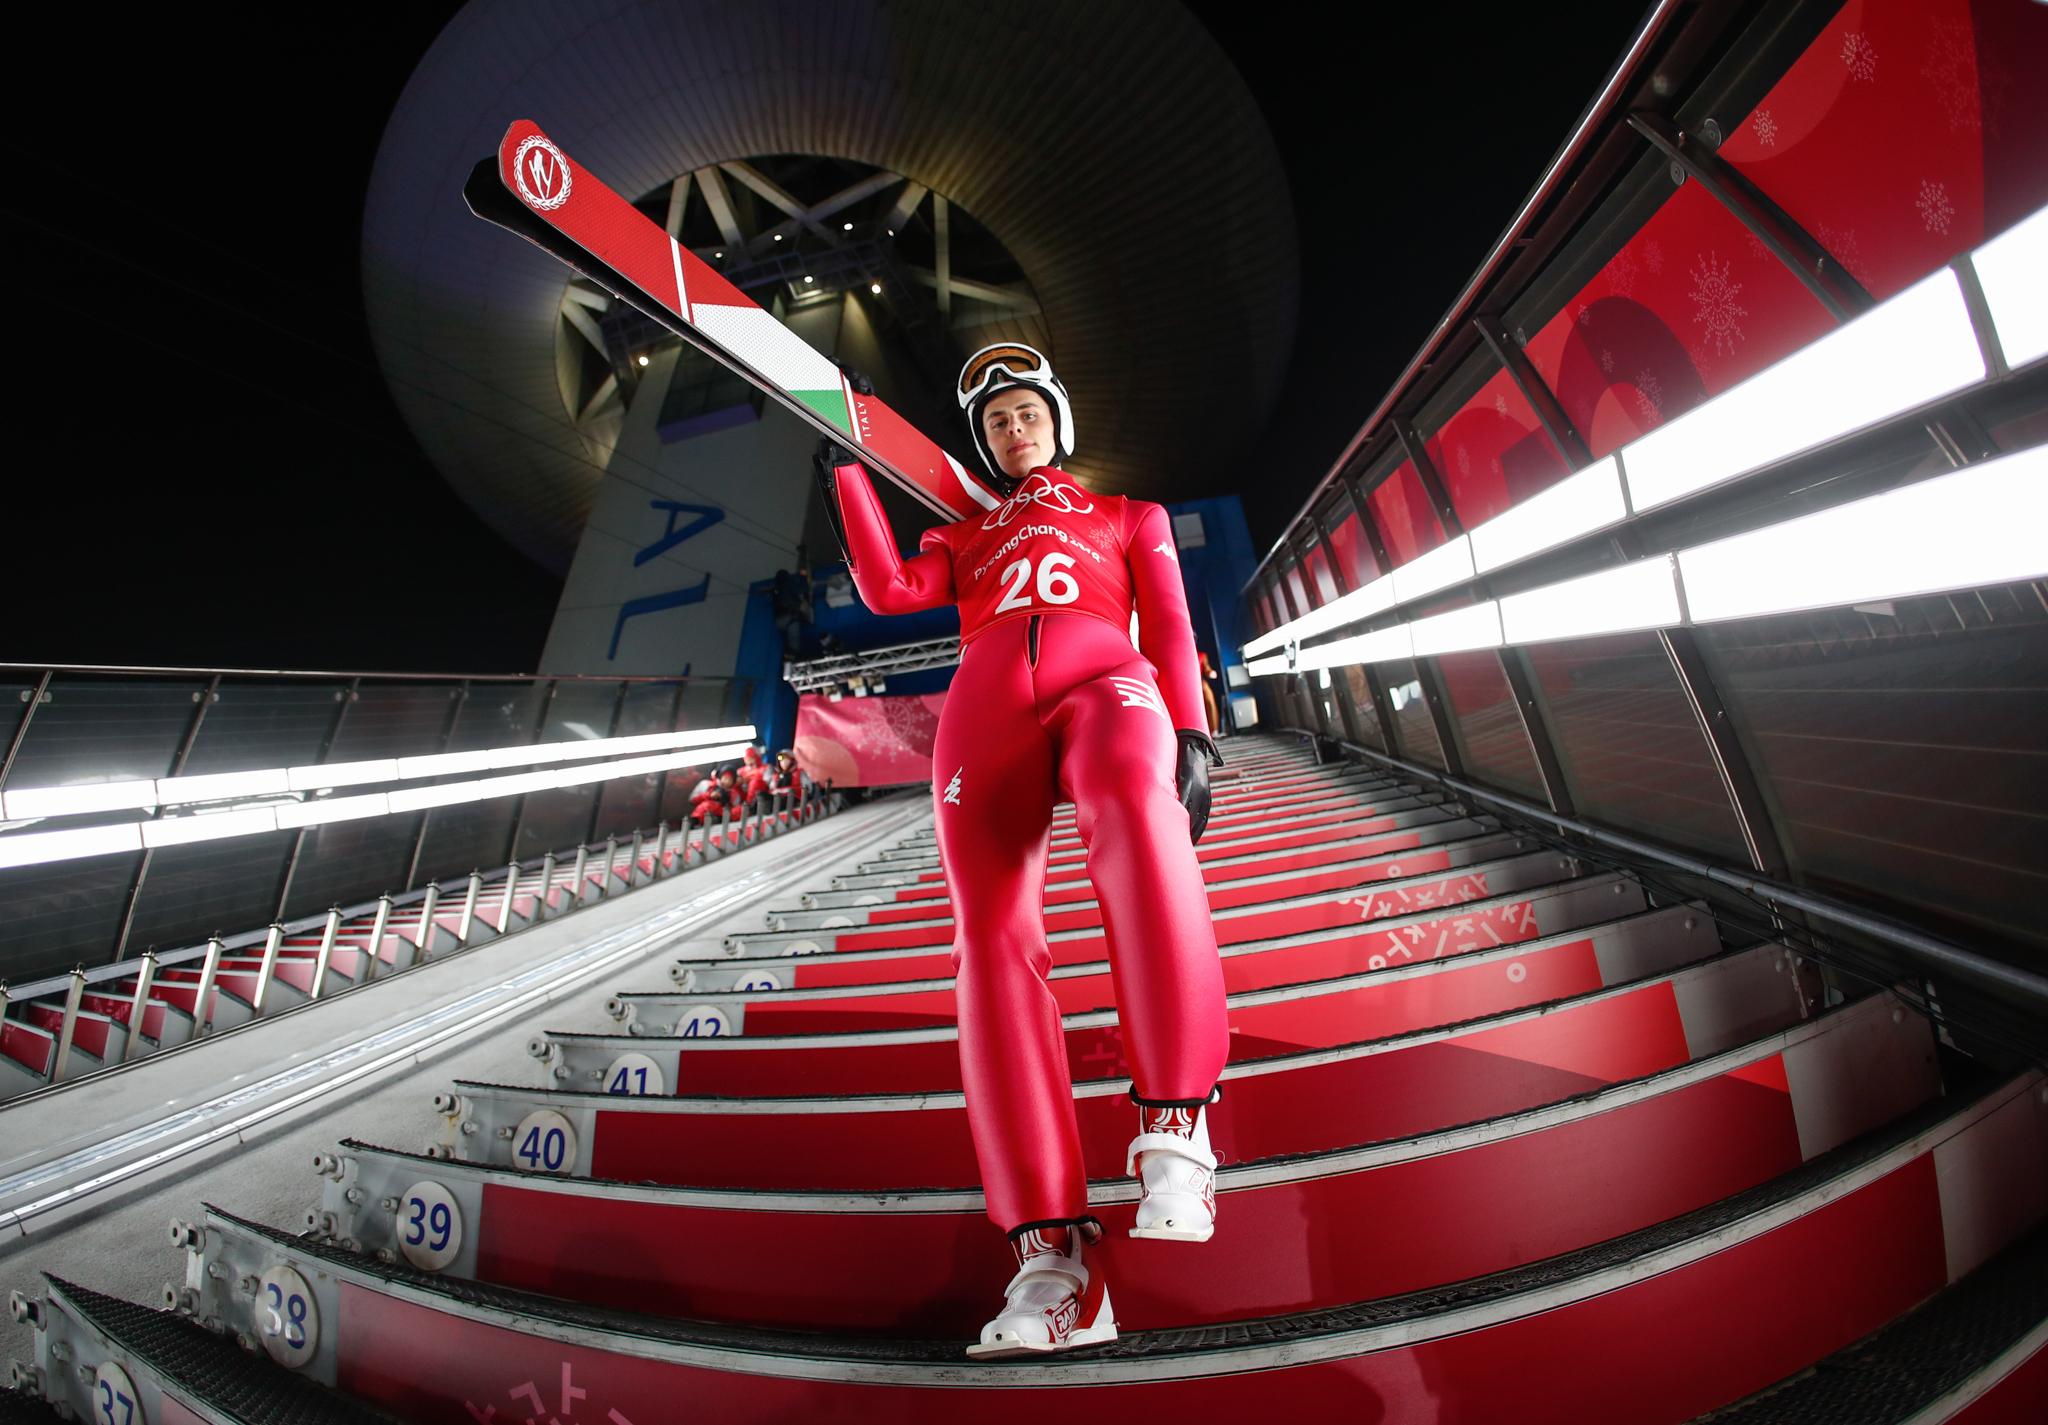 Atleta desce as escadas carregando esquis (© Matthias Schrader)/AP Images)